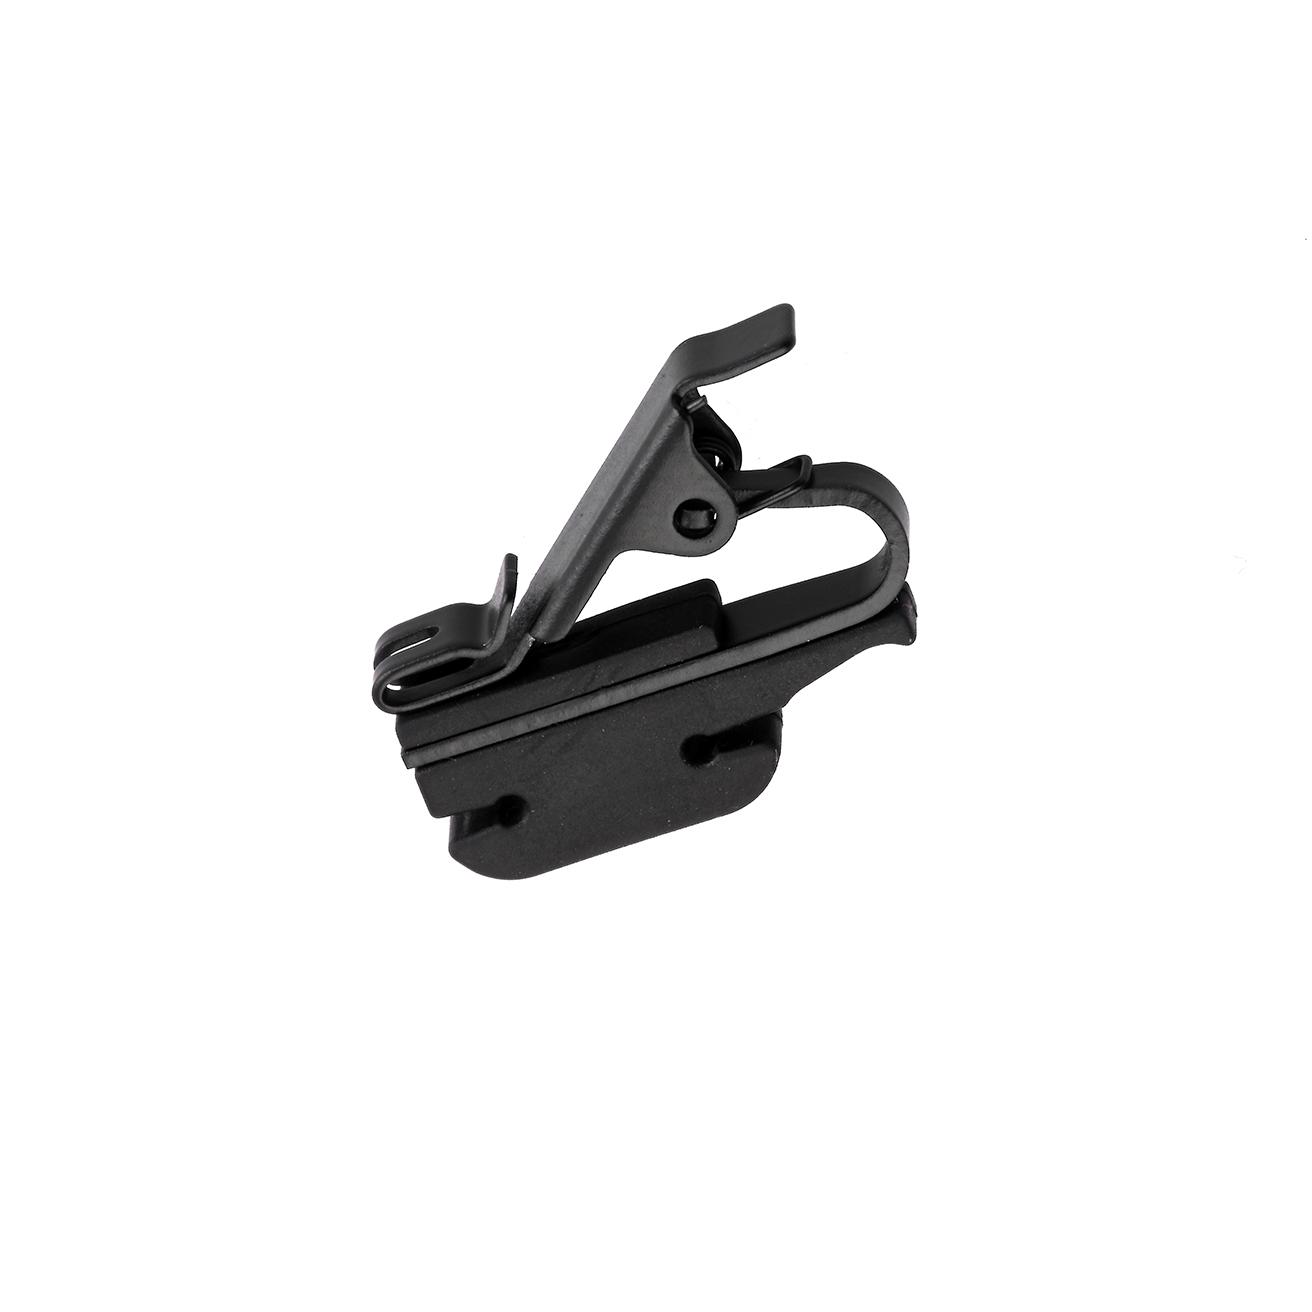 MKE 1 Mini clip, black